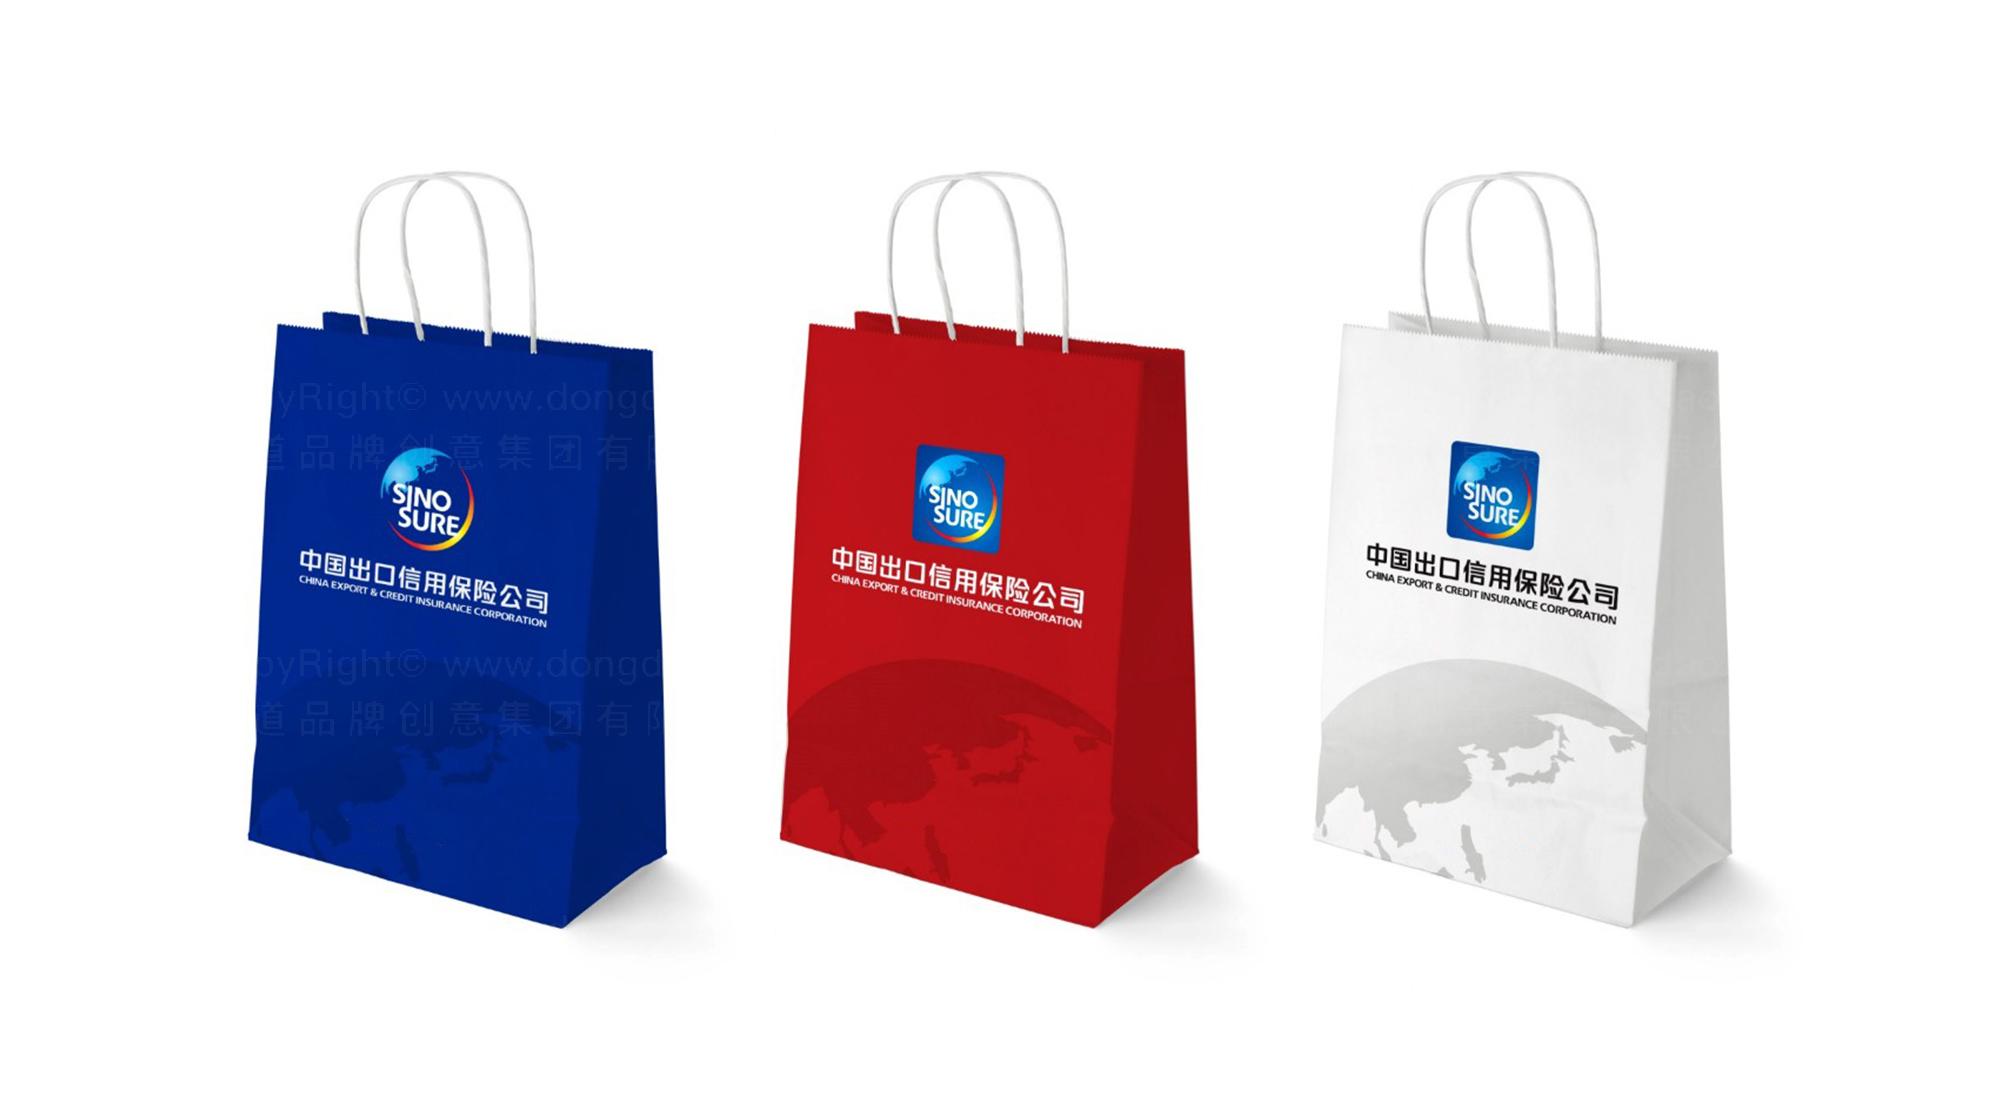 保险公司vi设计logo设计、vi设计应用场景_4